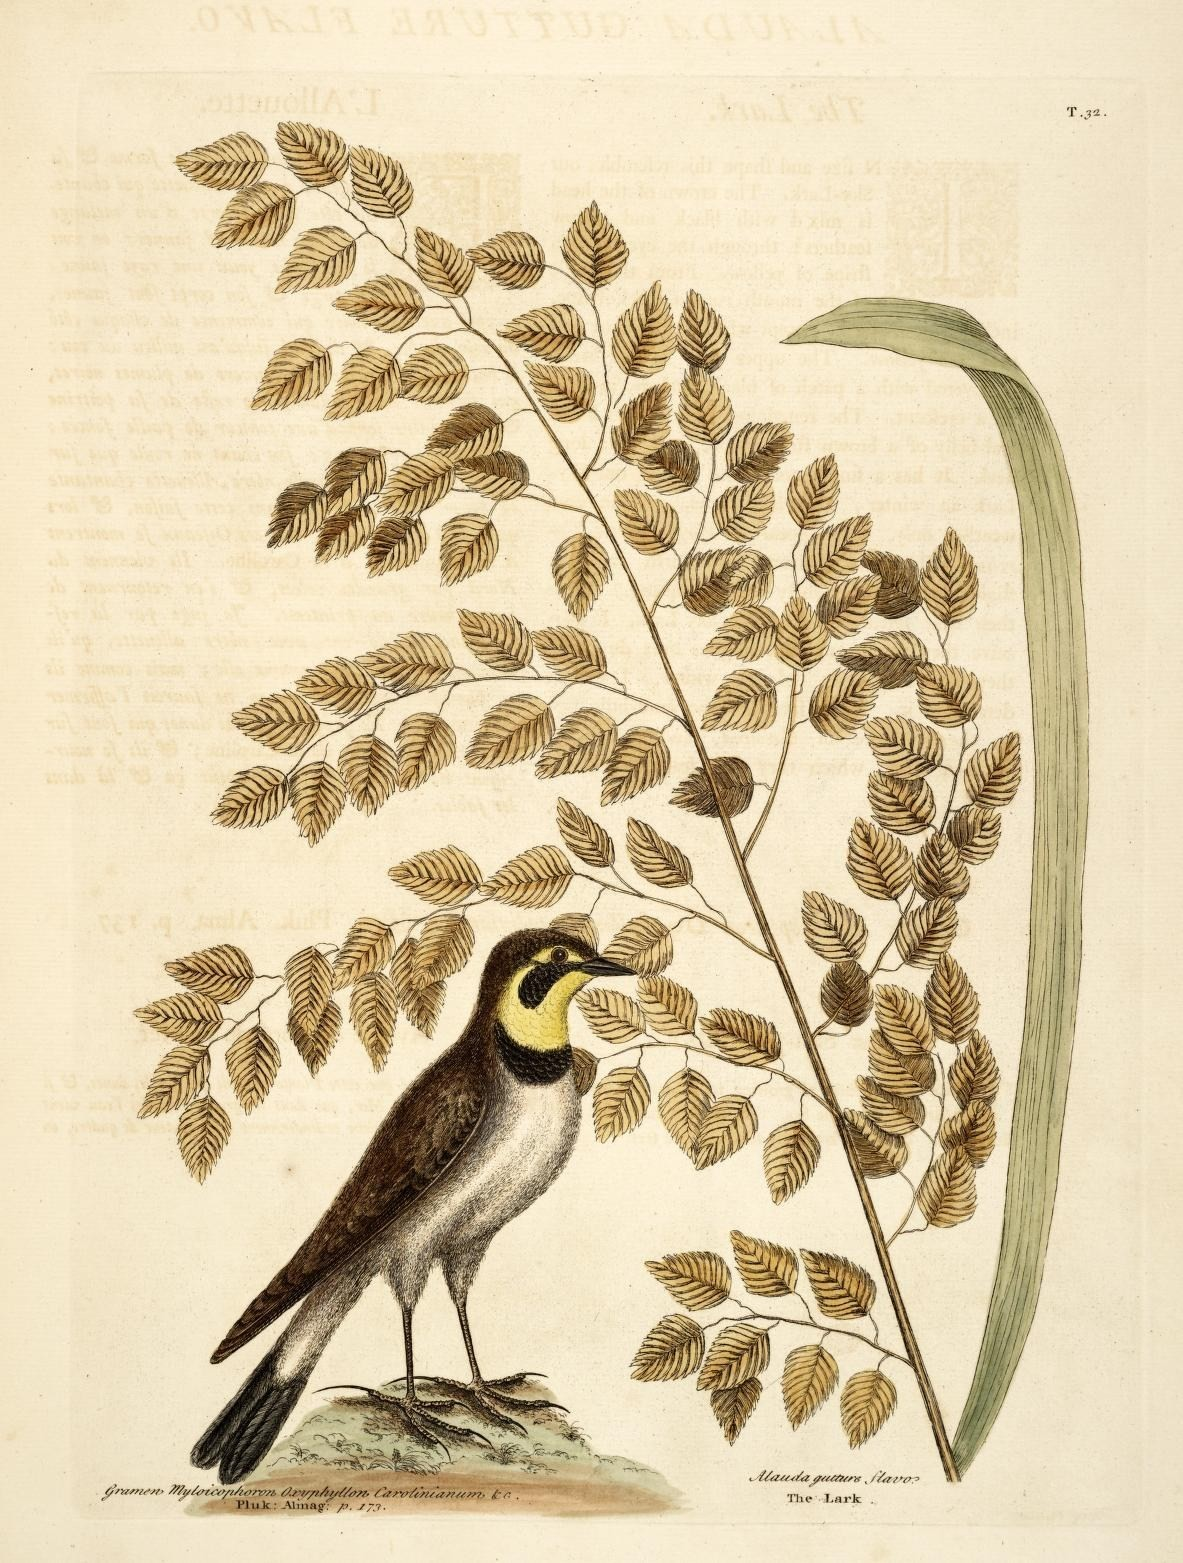 Image of horned lark